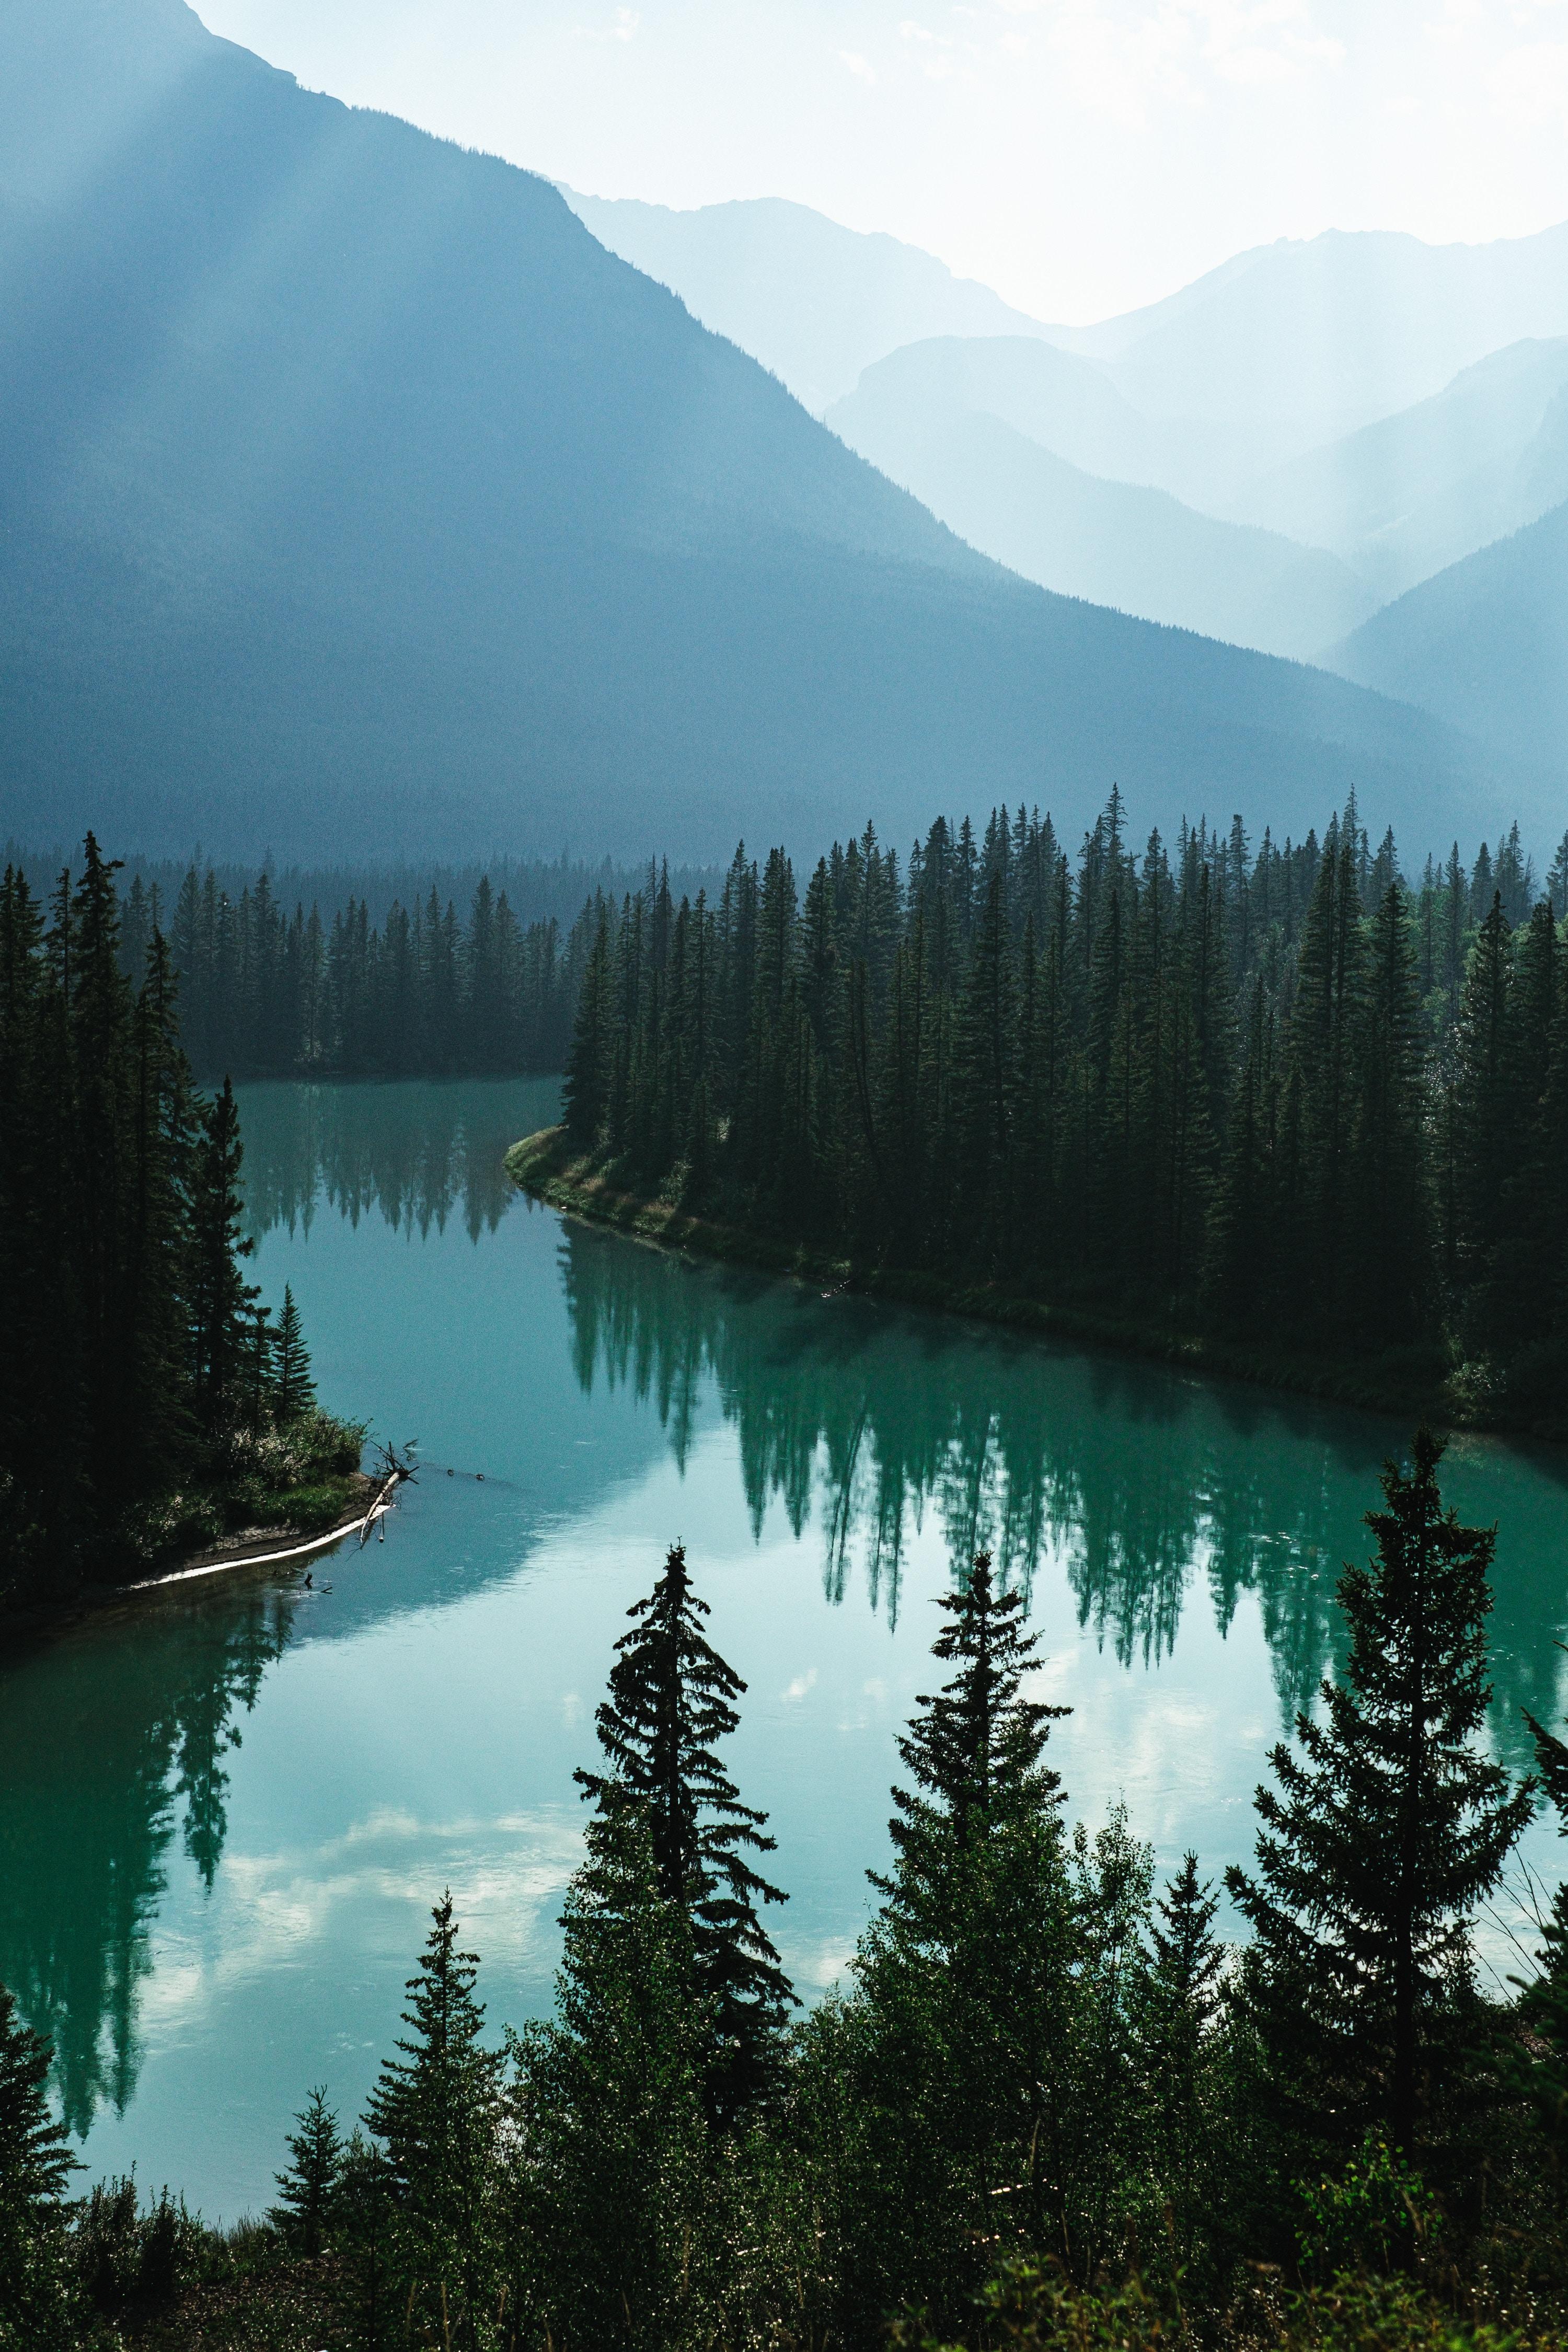 110219 скачать обои Природа, Река, Лес, Туман, Горы, Пейзаж - заставки и картинки бесплатно